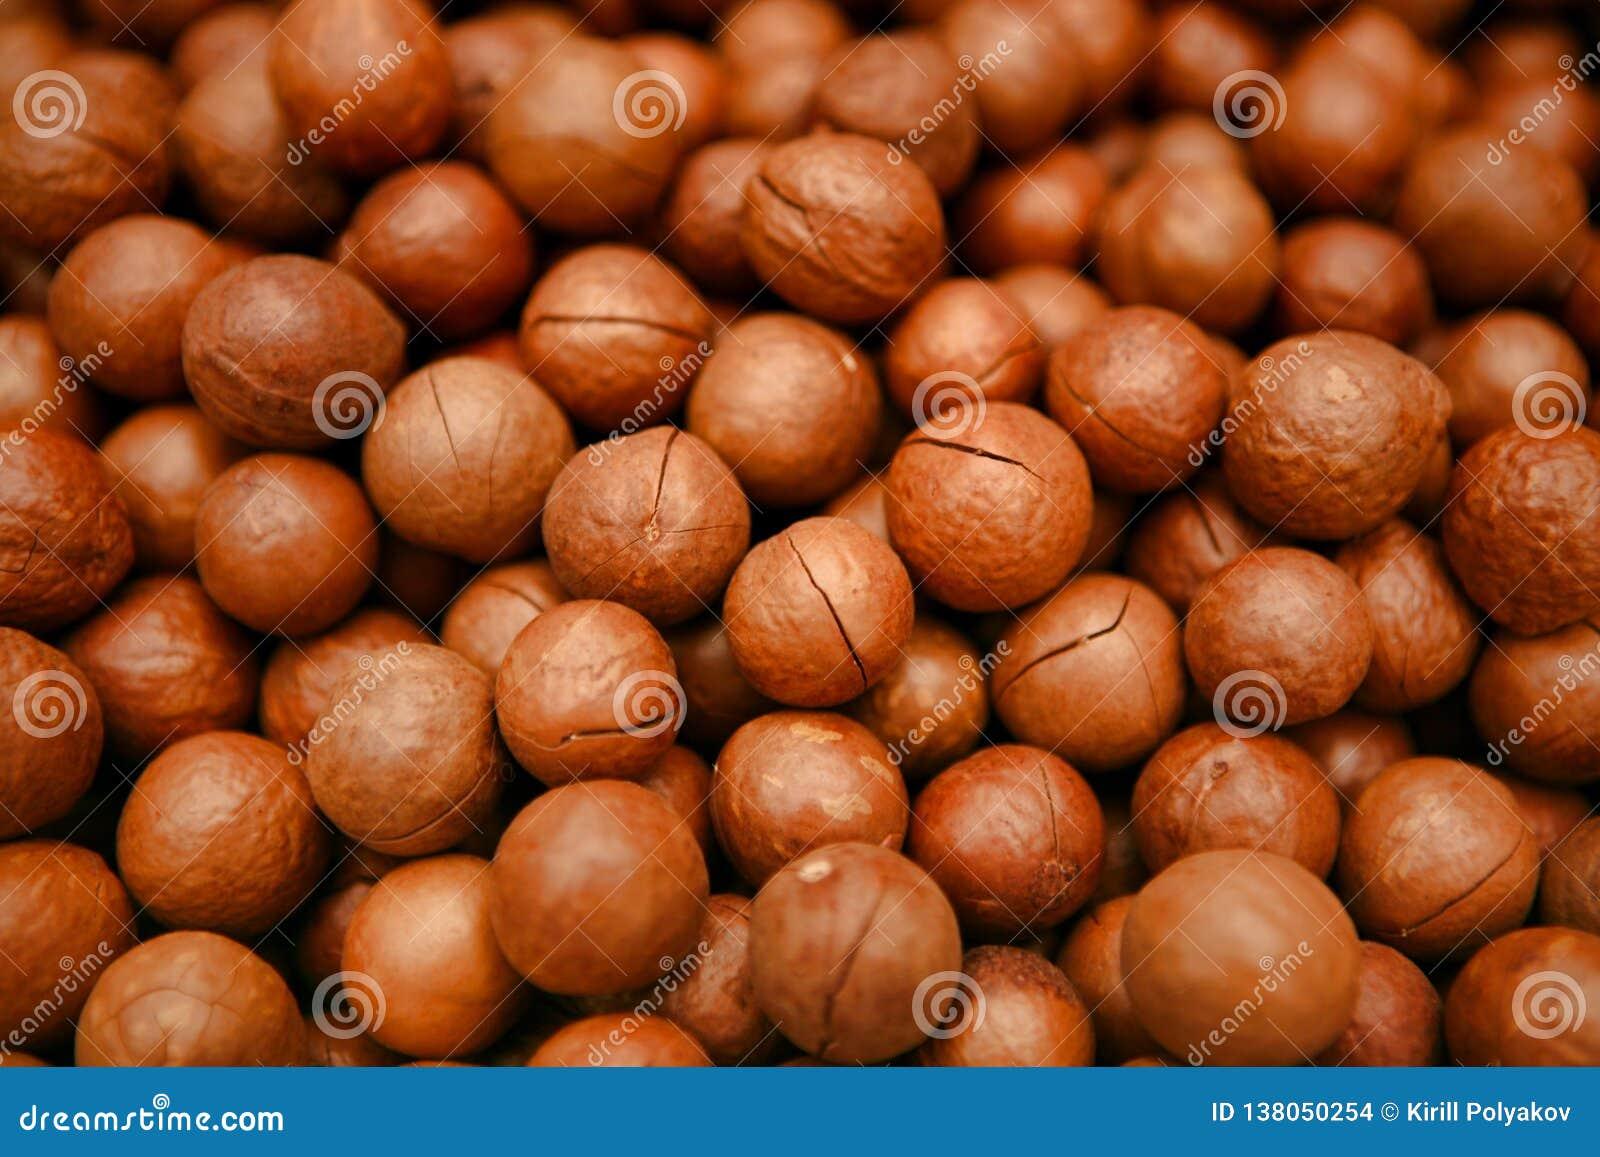 Placer van één van de waardevolste noten in de wereld - Macadamia